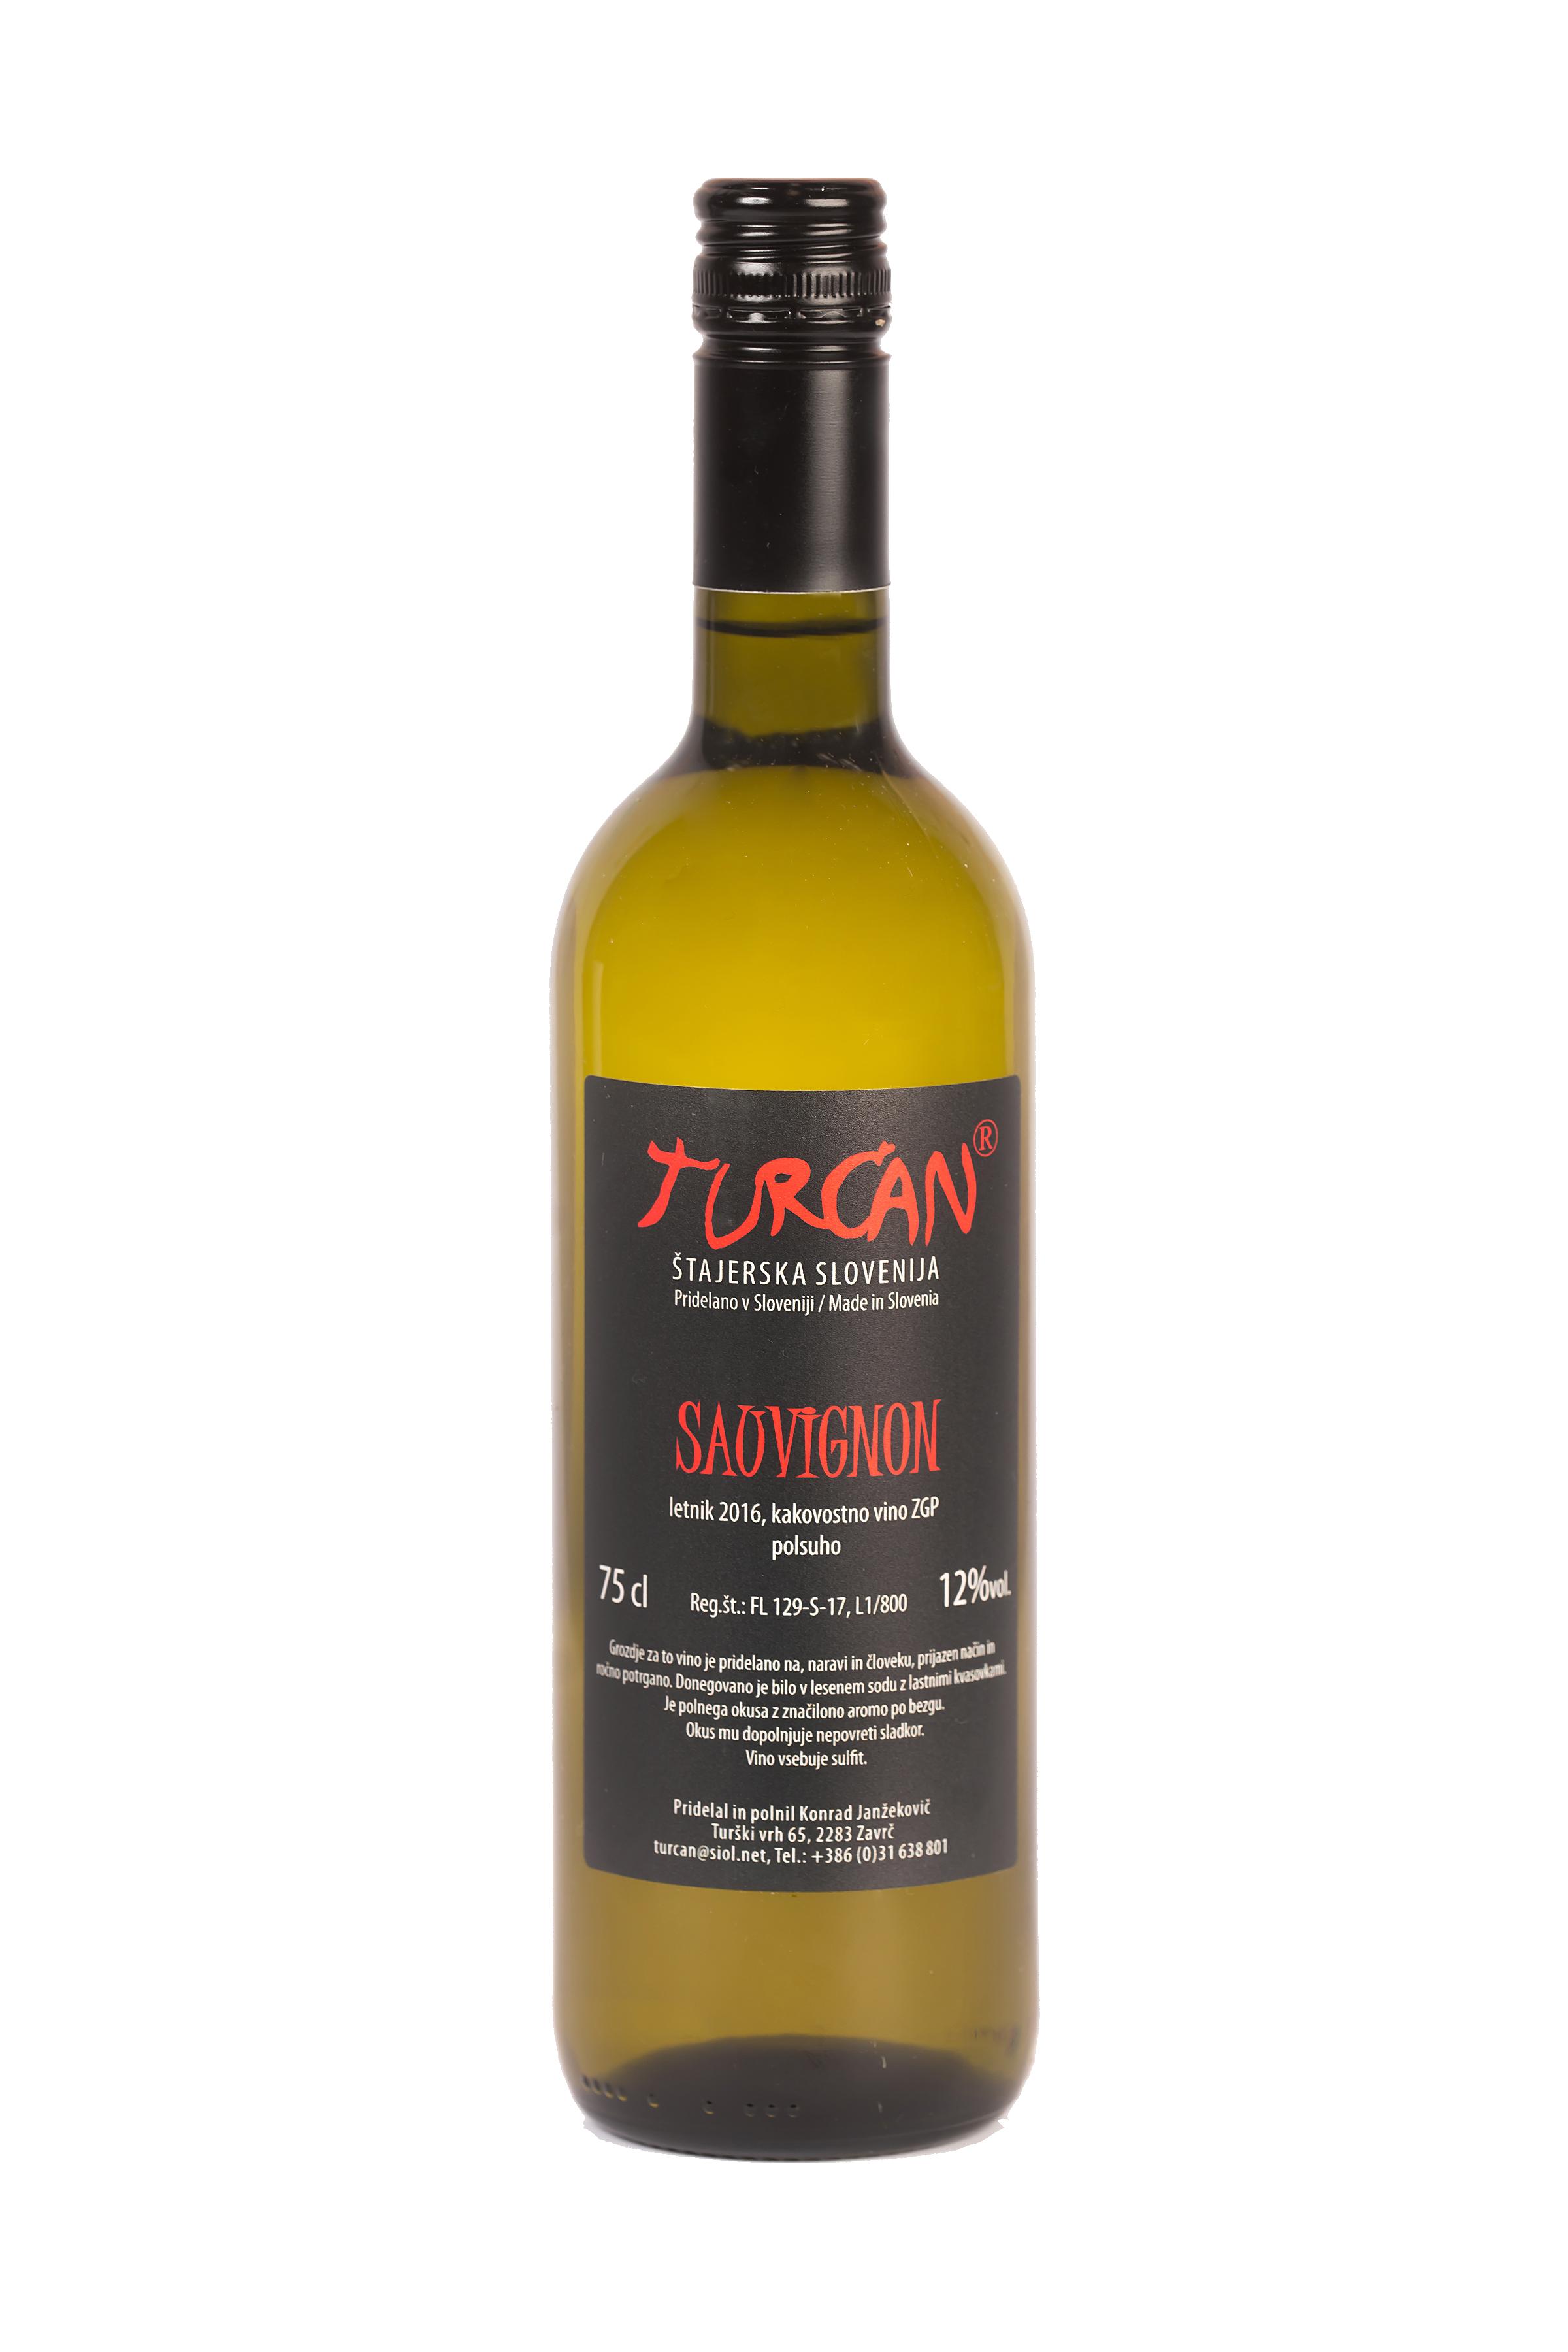 turcan-saovignon